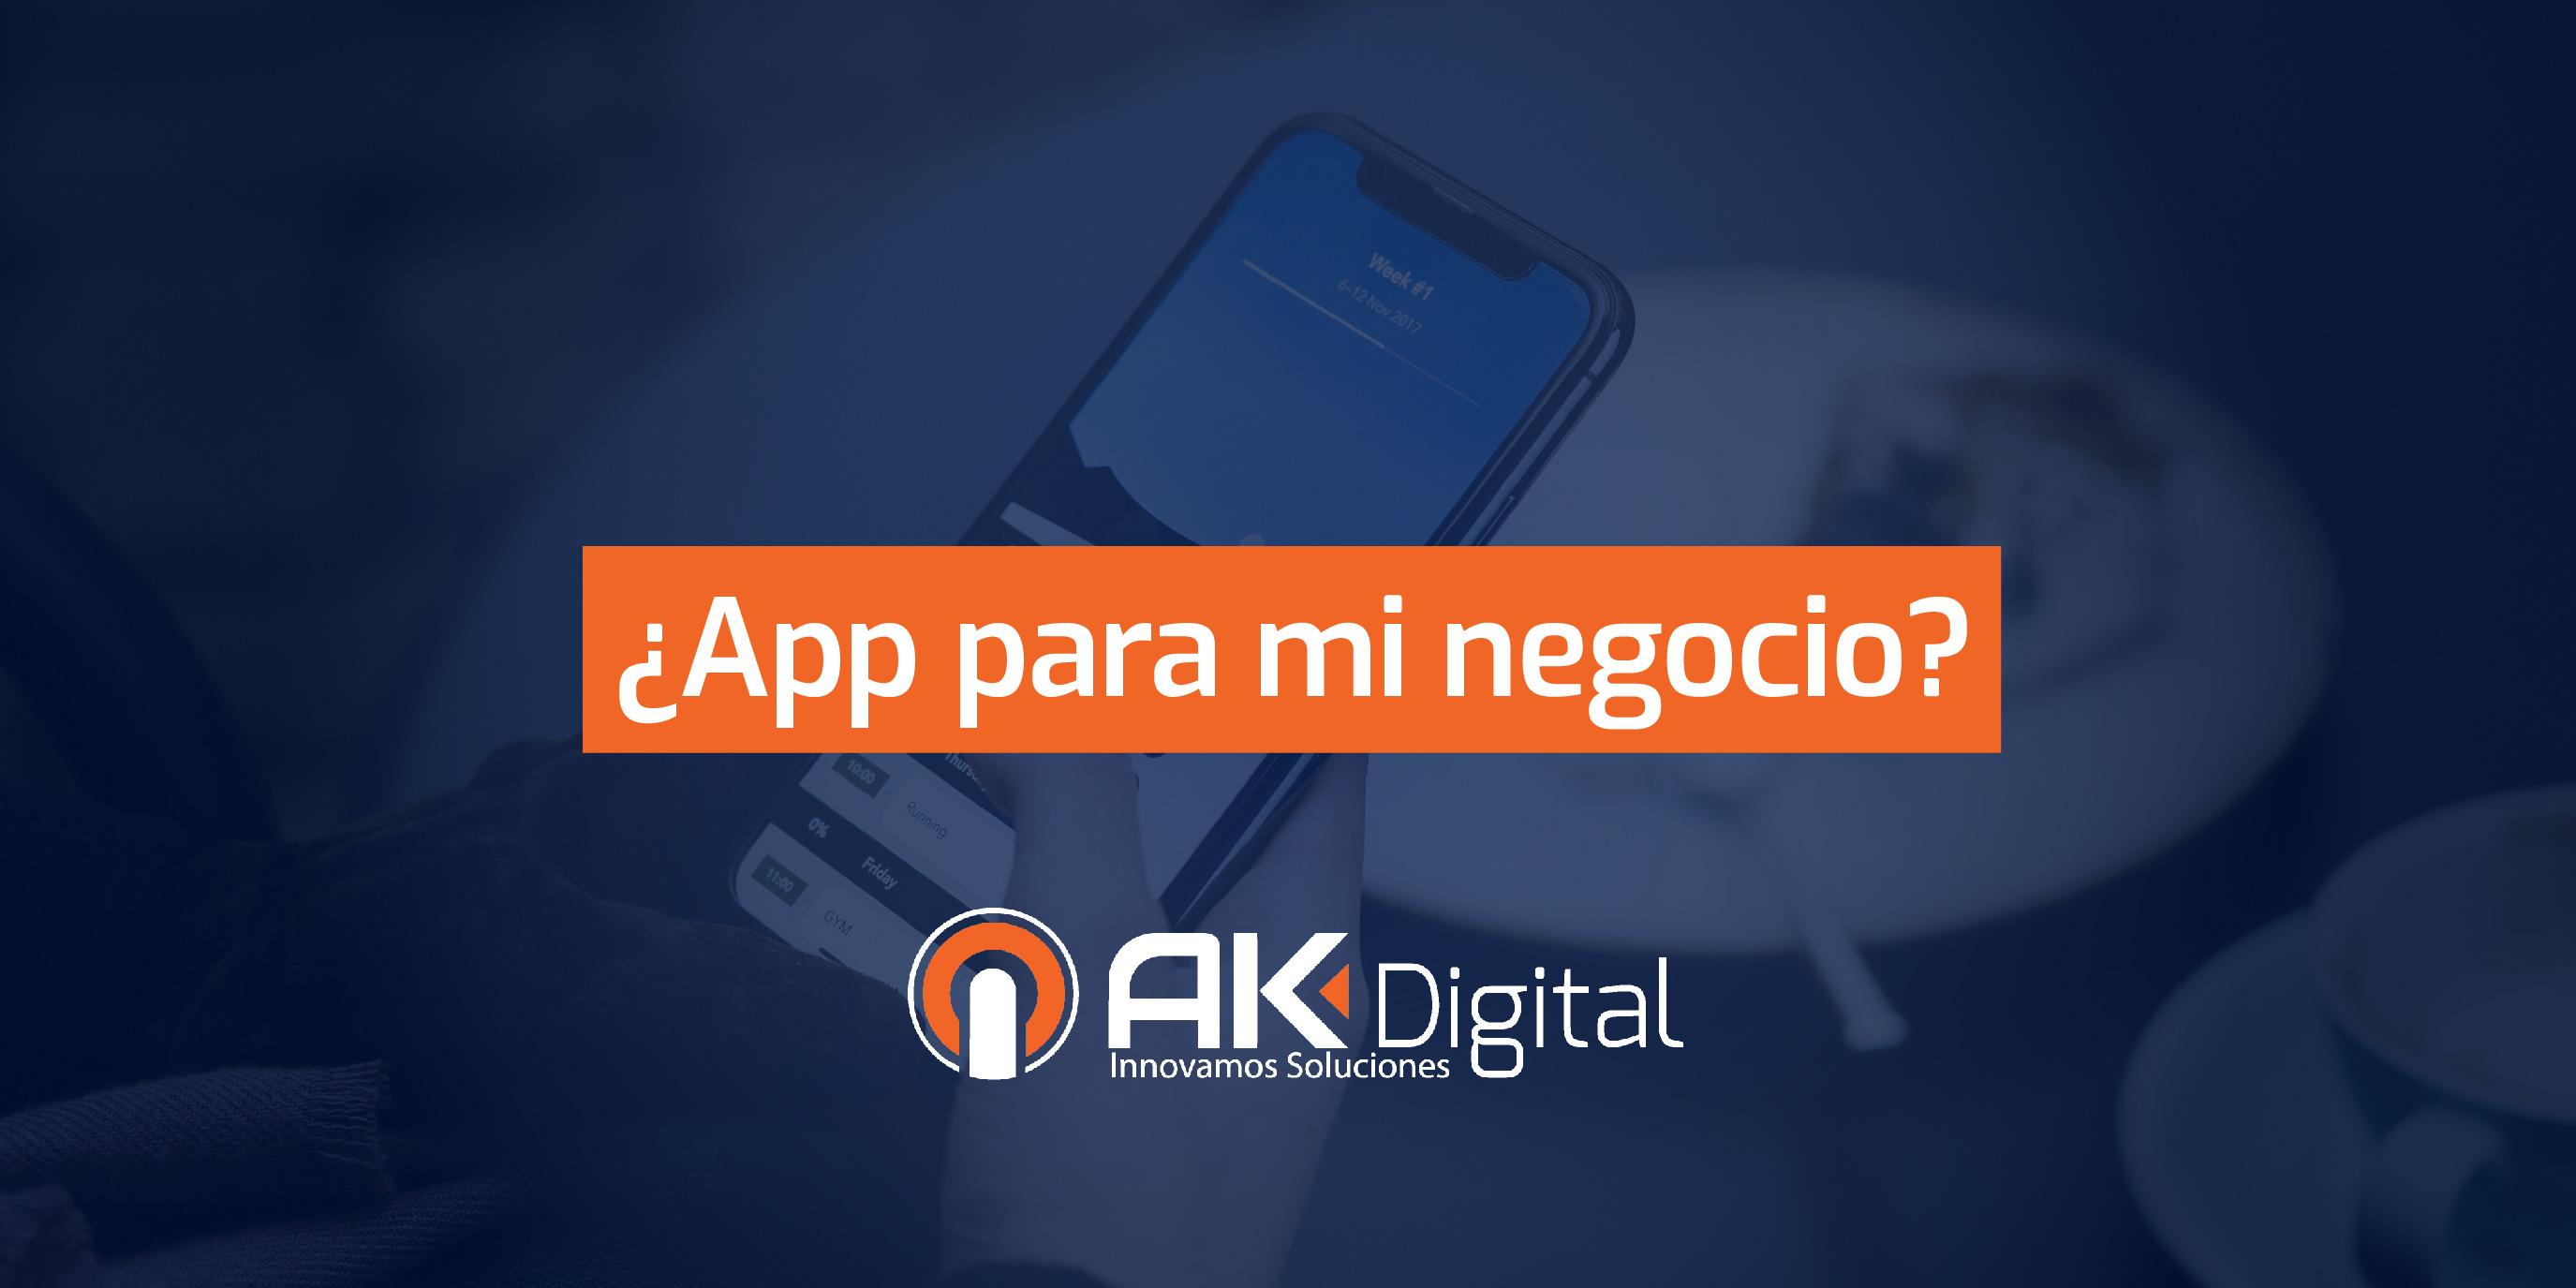 ¿Cómo descubrir si mi negocio necesita una aplicación móvil?